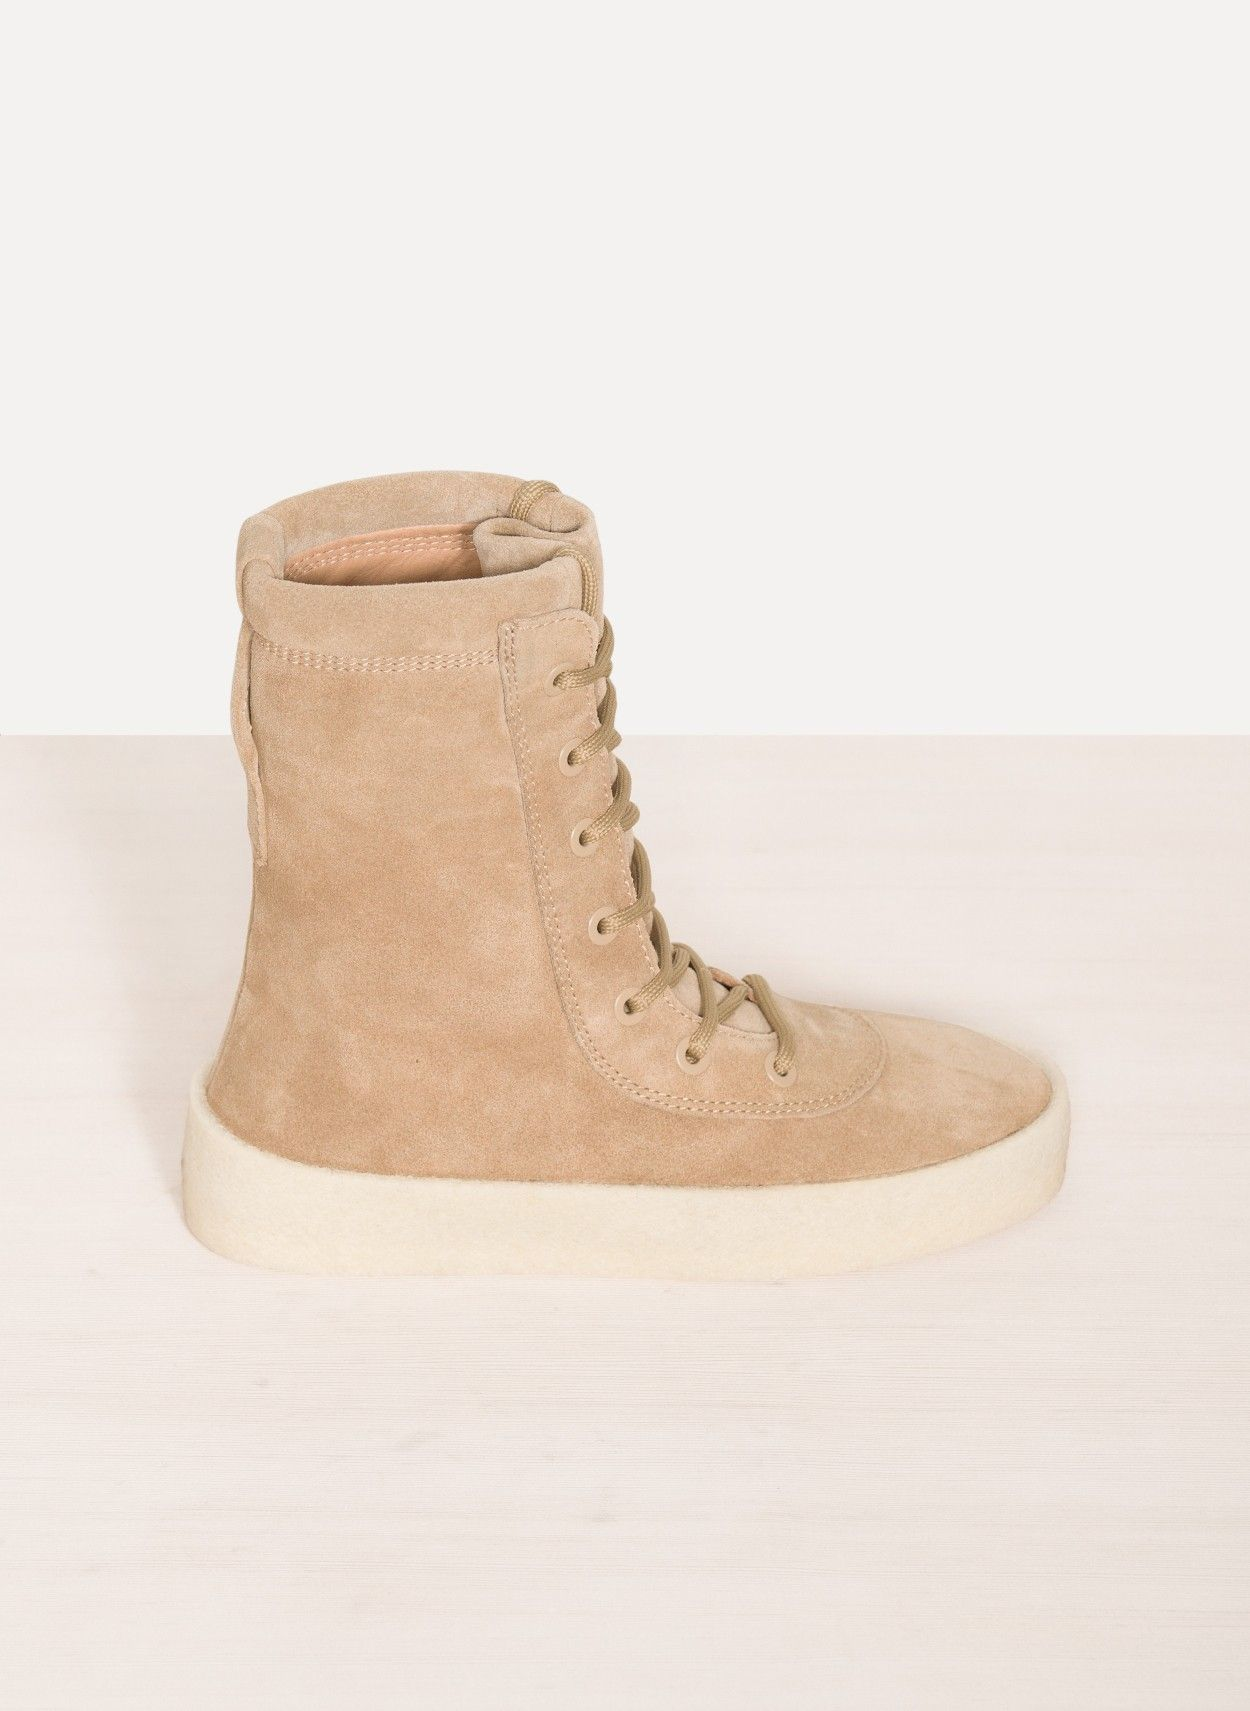 yeezy crêpe botte chaussures pinterest et bottes, chaussures et pinterest bottes de yeezy crêpe 56c43e